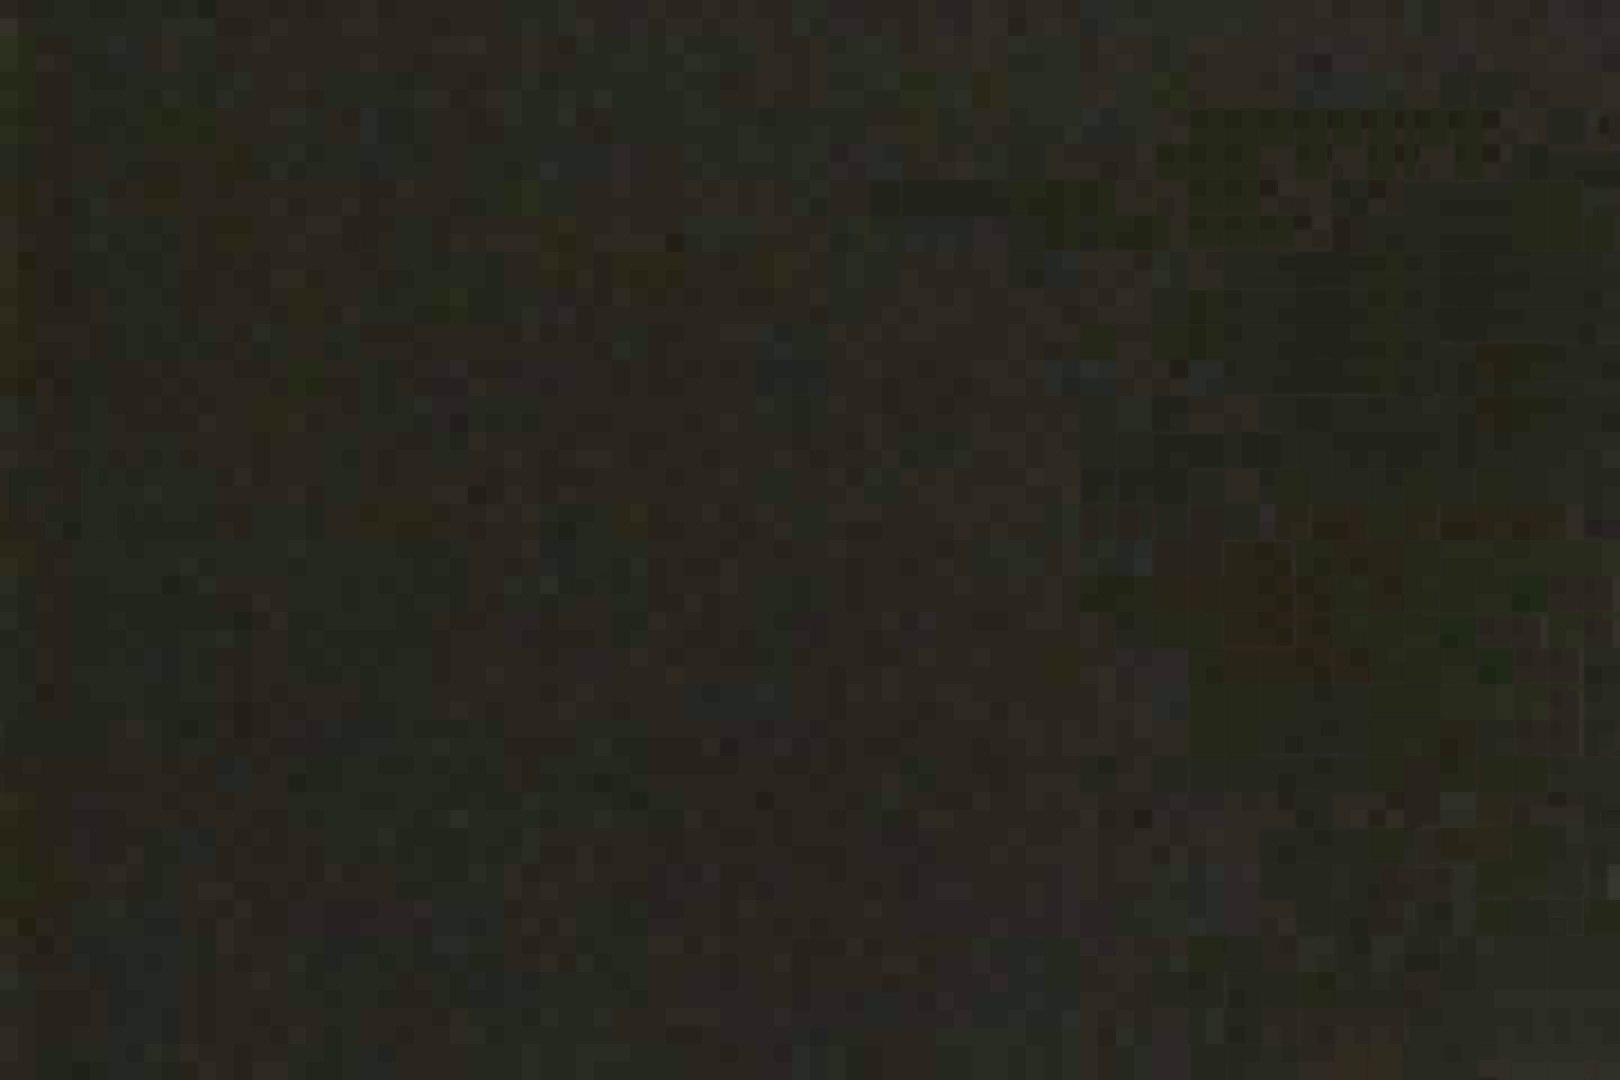 「ちくりん」さんのオリジナル未編集パンチラVol.2_02 チラ  84PIX 12